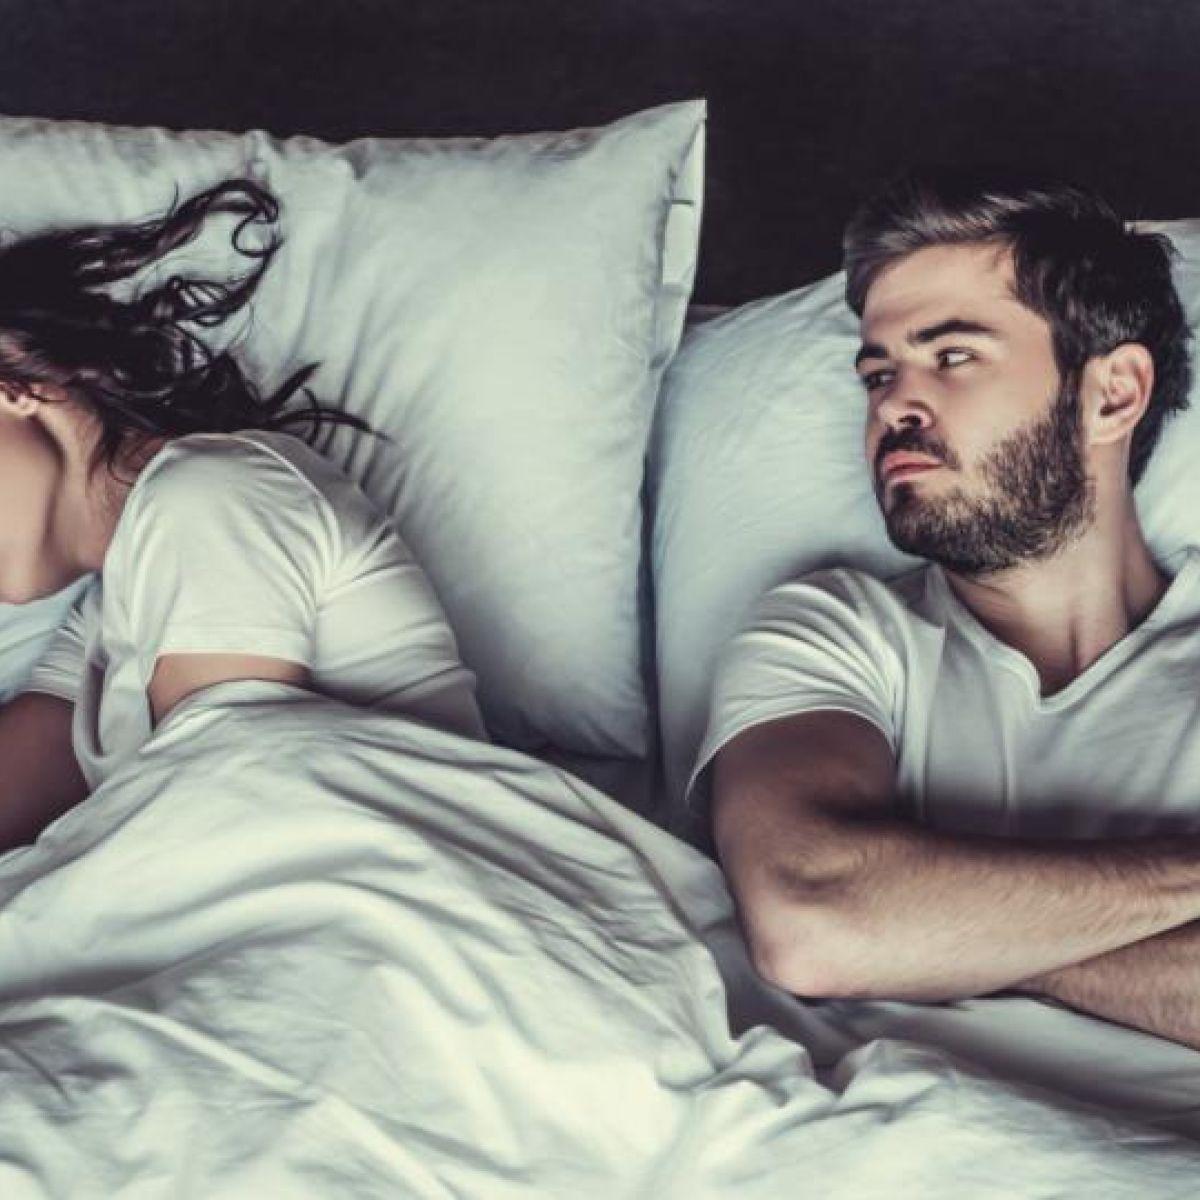 Σεξ έλλειψη επιθυμίας: Γιατί δεν θέλω έχω ερωτικές επαφές